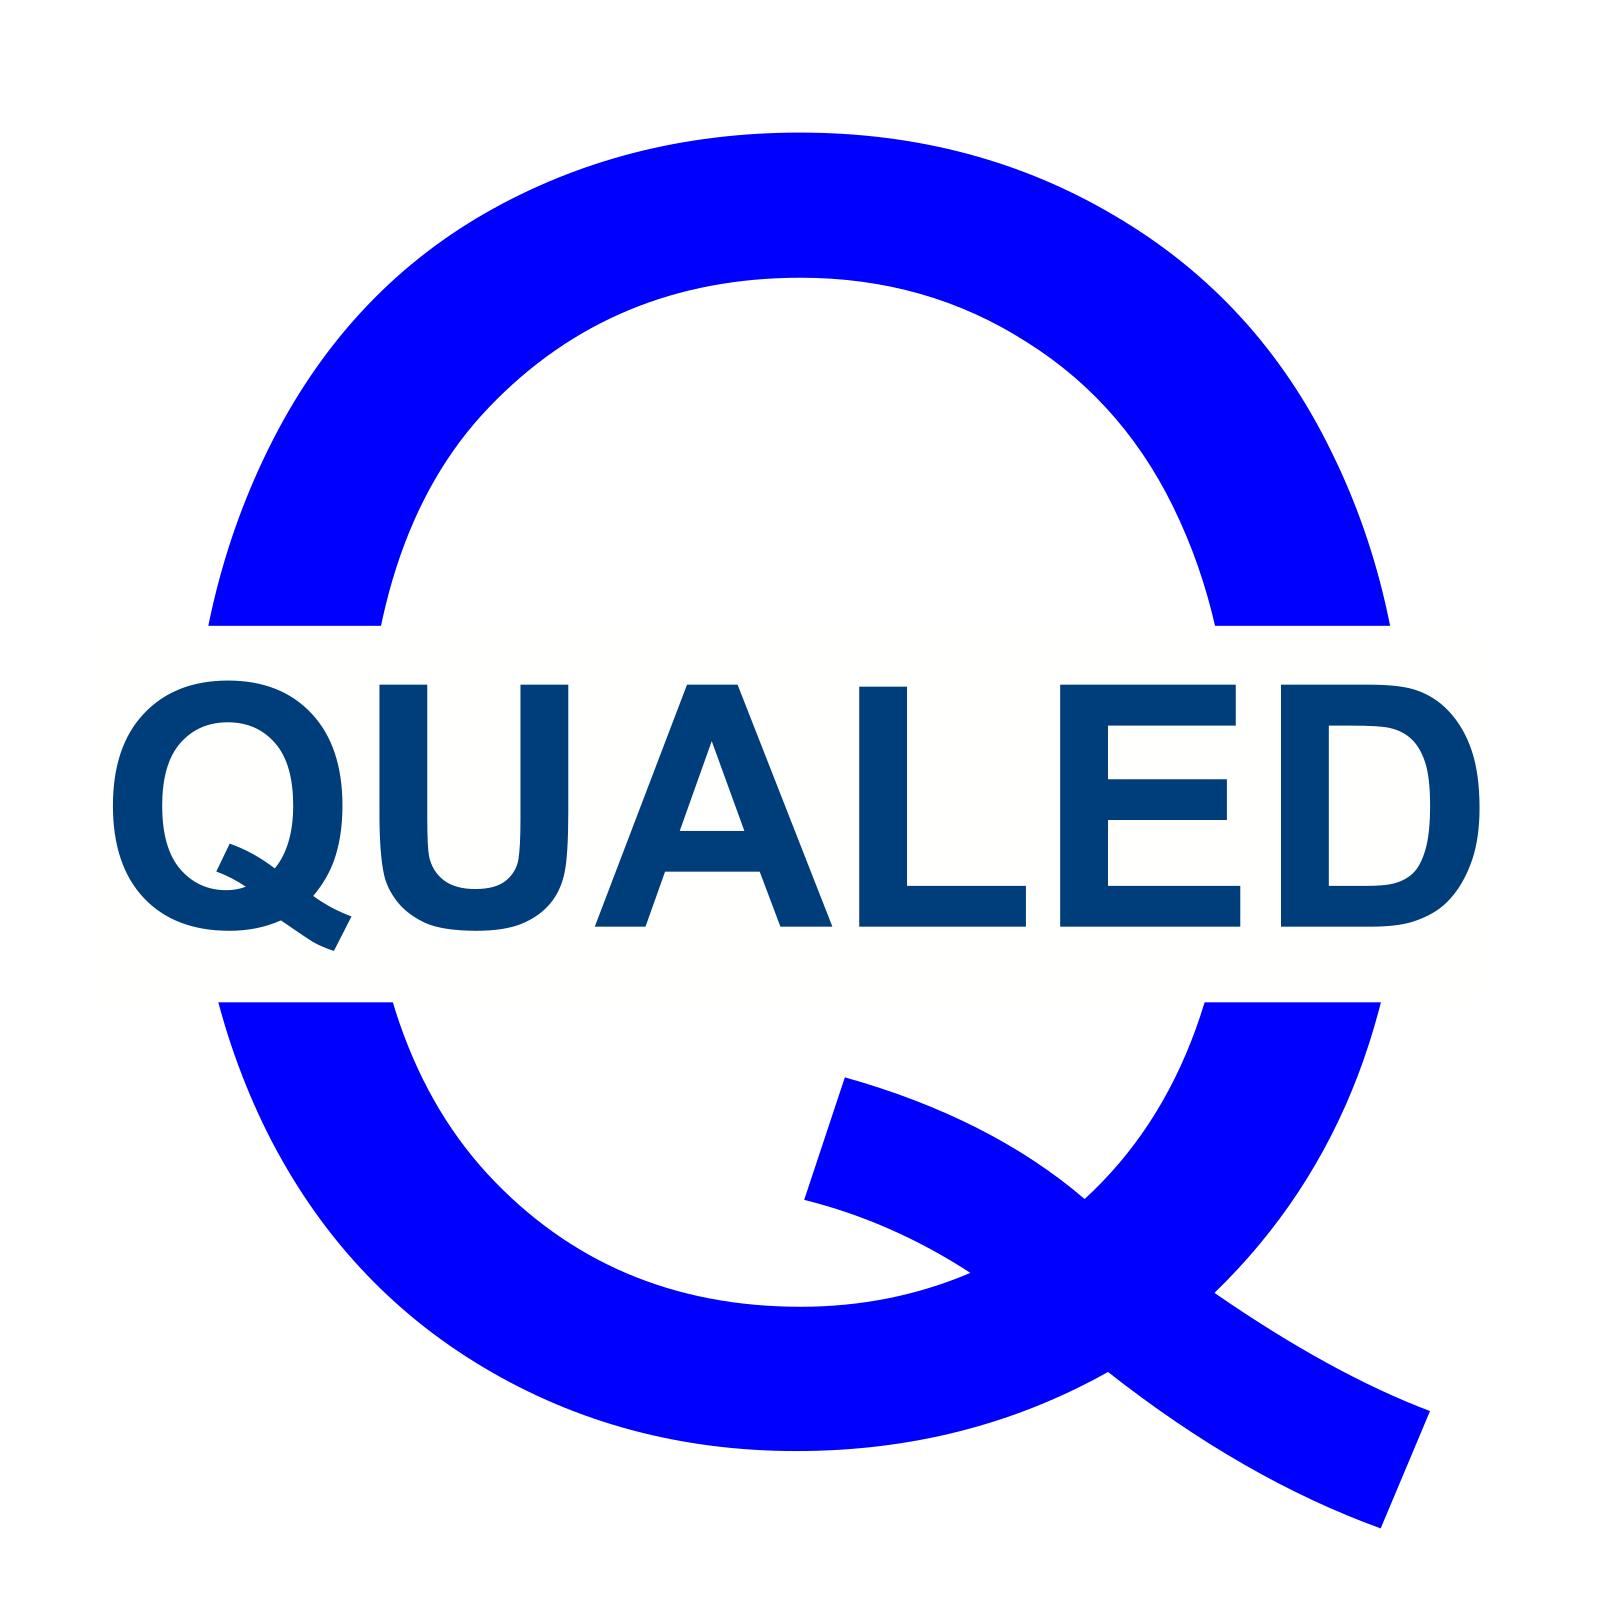 QUALED good quality